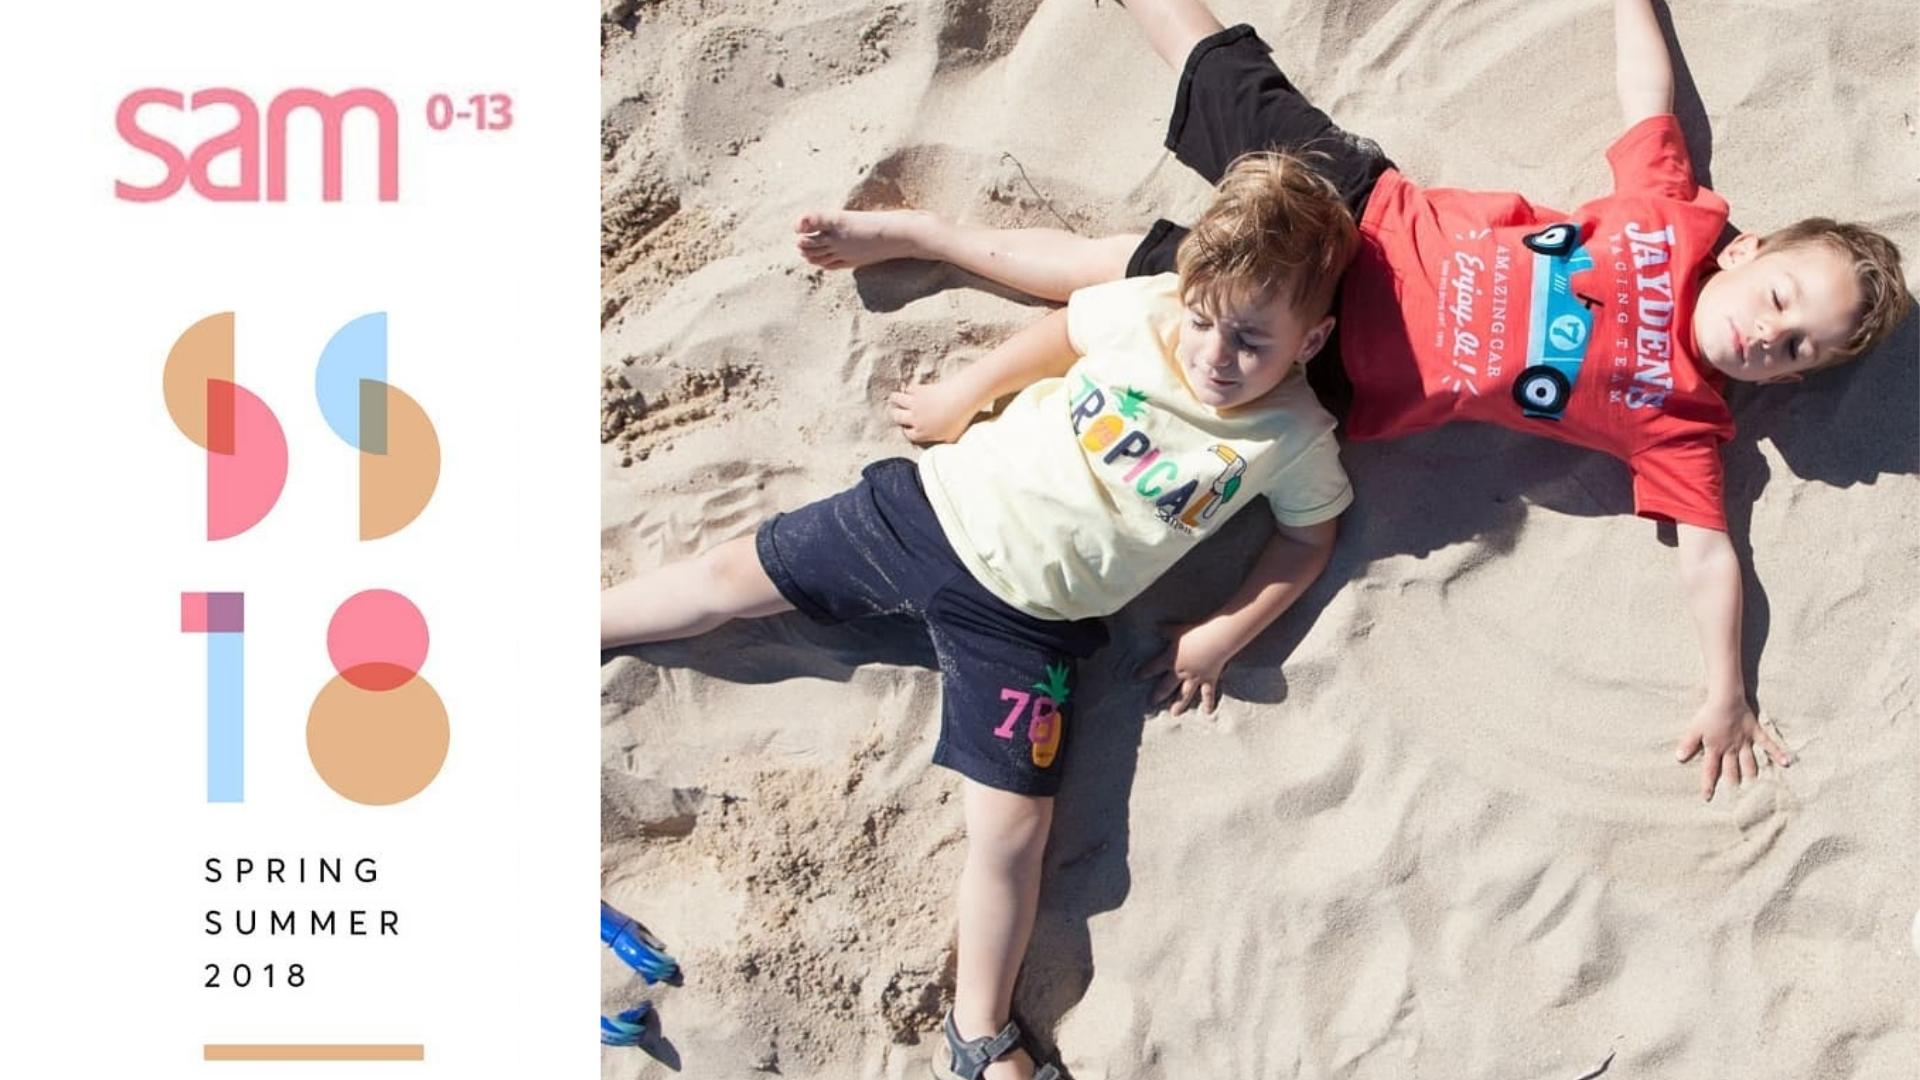 Τα must-have παιδικά ρούχα για ατελείωτο παιχνίδι θα τα βρείτε στο SAM 0-13! e6a30e20066